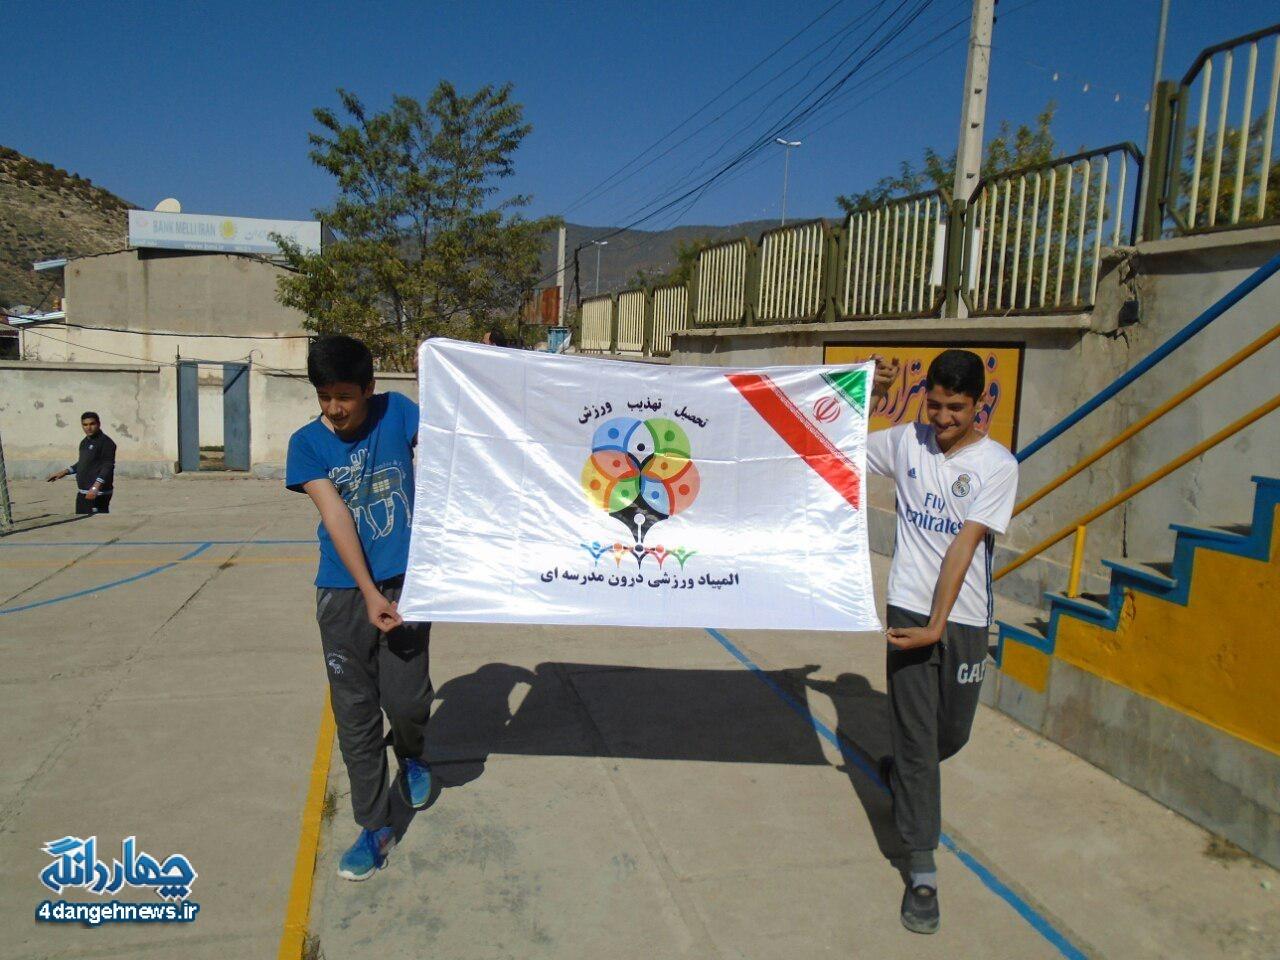 افتتاح چهارمین المپیاد ورزشی درون مدرسه ای در منطقه چهاردانگه